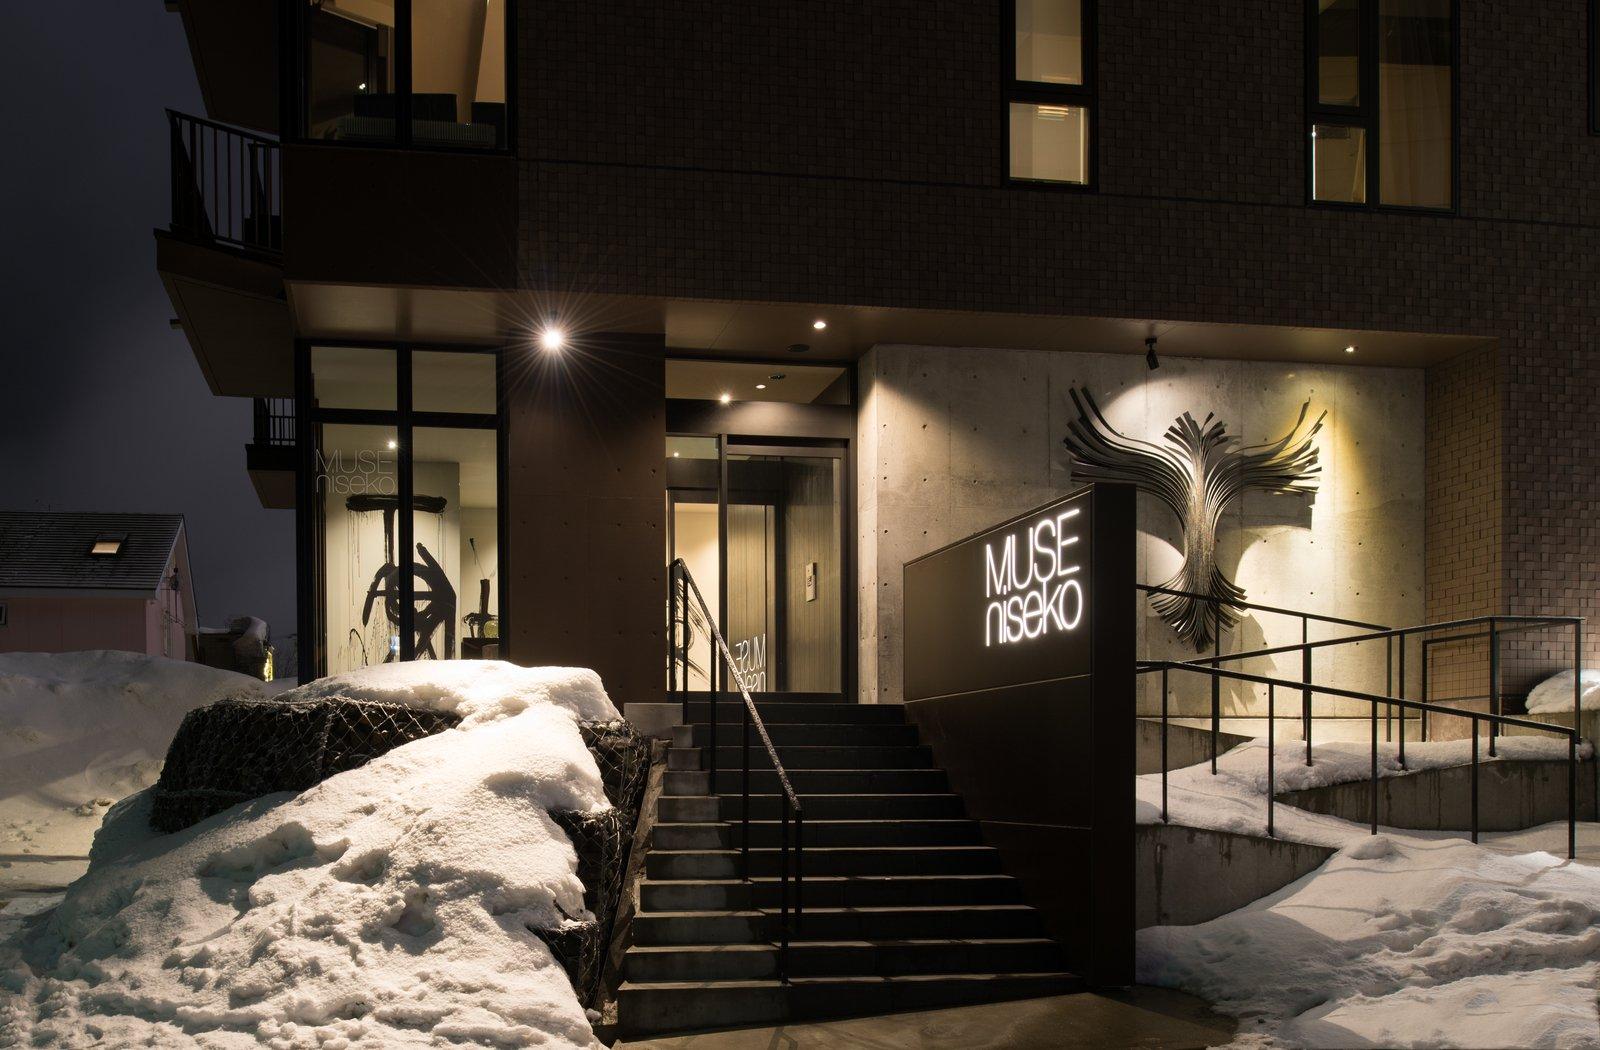 Muse niseko entrance large